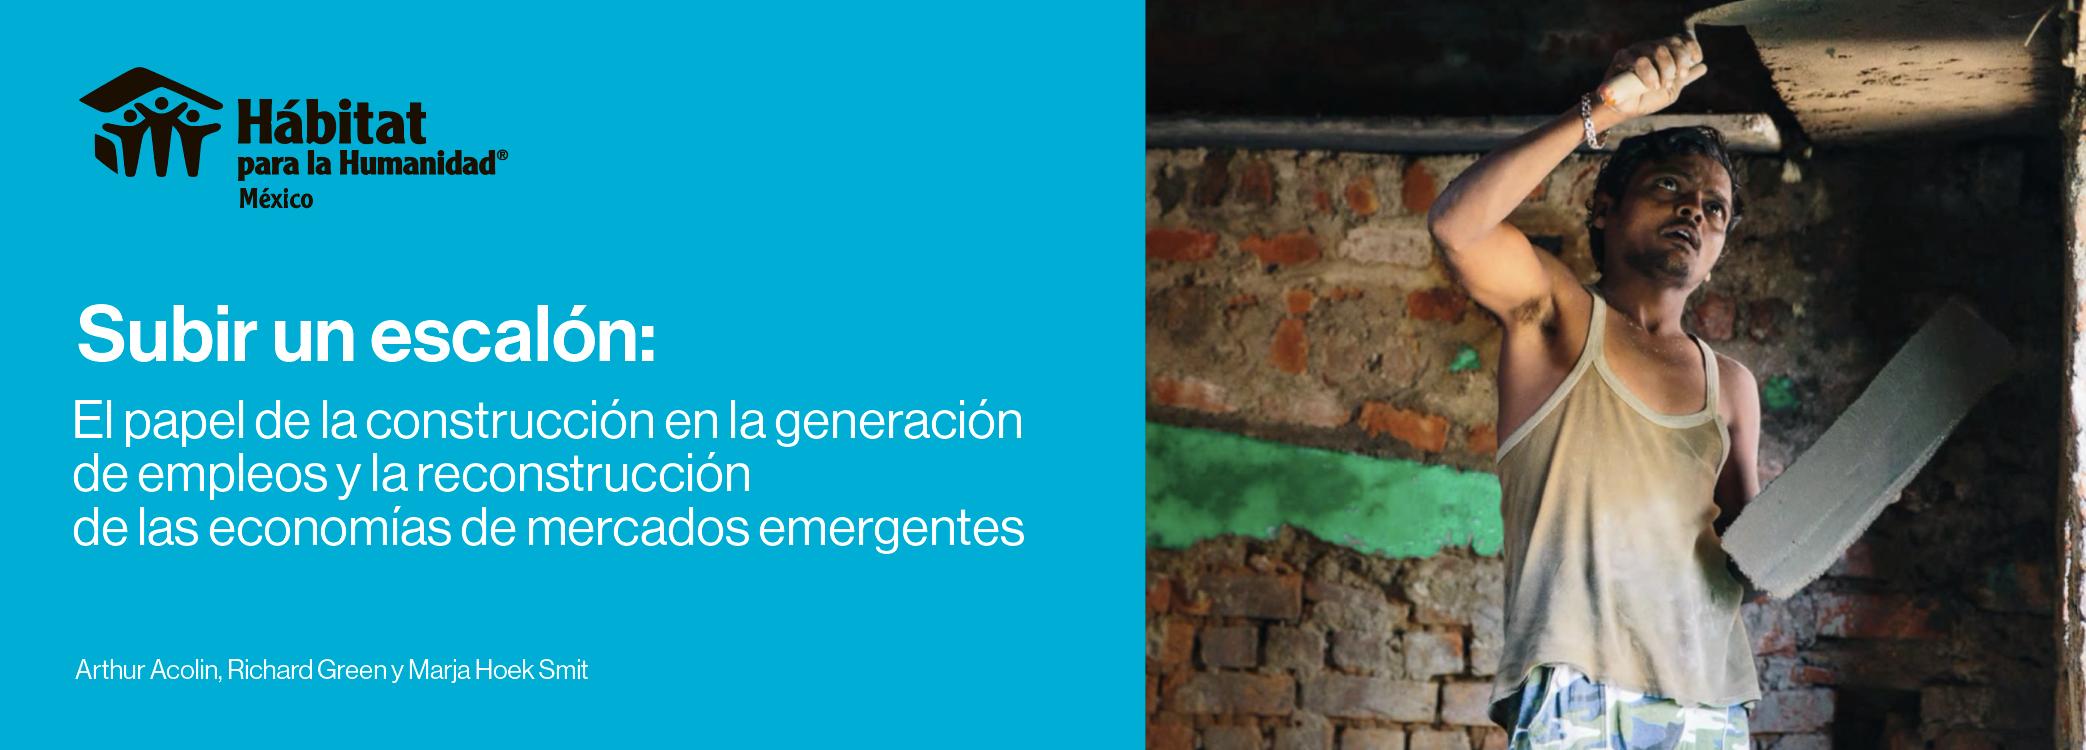 INFORME SUBIR UN ESCALÓN: EL PAPEL DEL SECTOR  DE LA CONSTRUCCIÓN EN LA GENERACIÓN DE EMPLEOS Y LA RECONSTRUCCIÓN DE LAS  ECONOMÍAS DE MERCADOS EMERGENTES